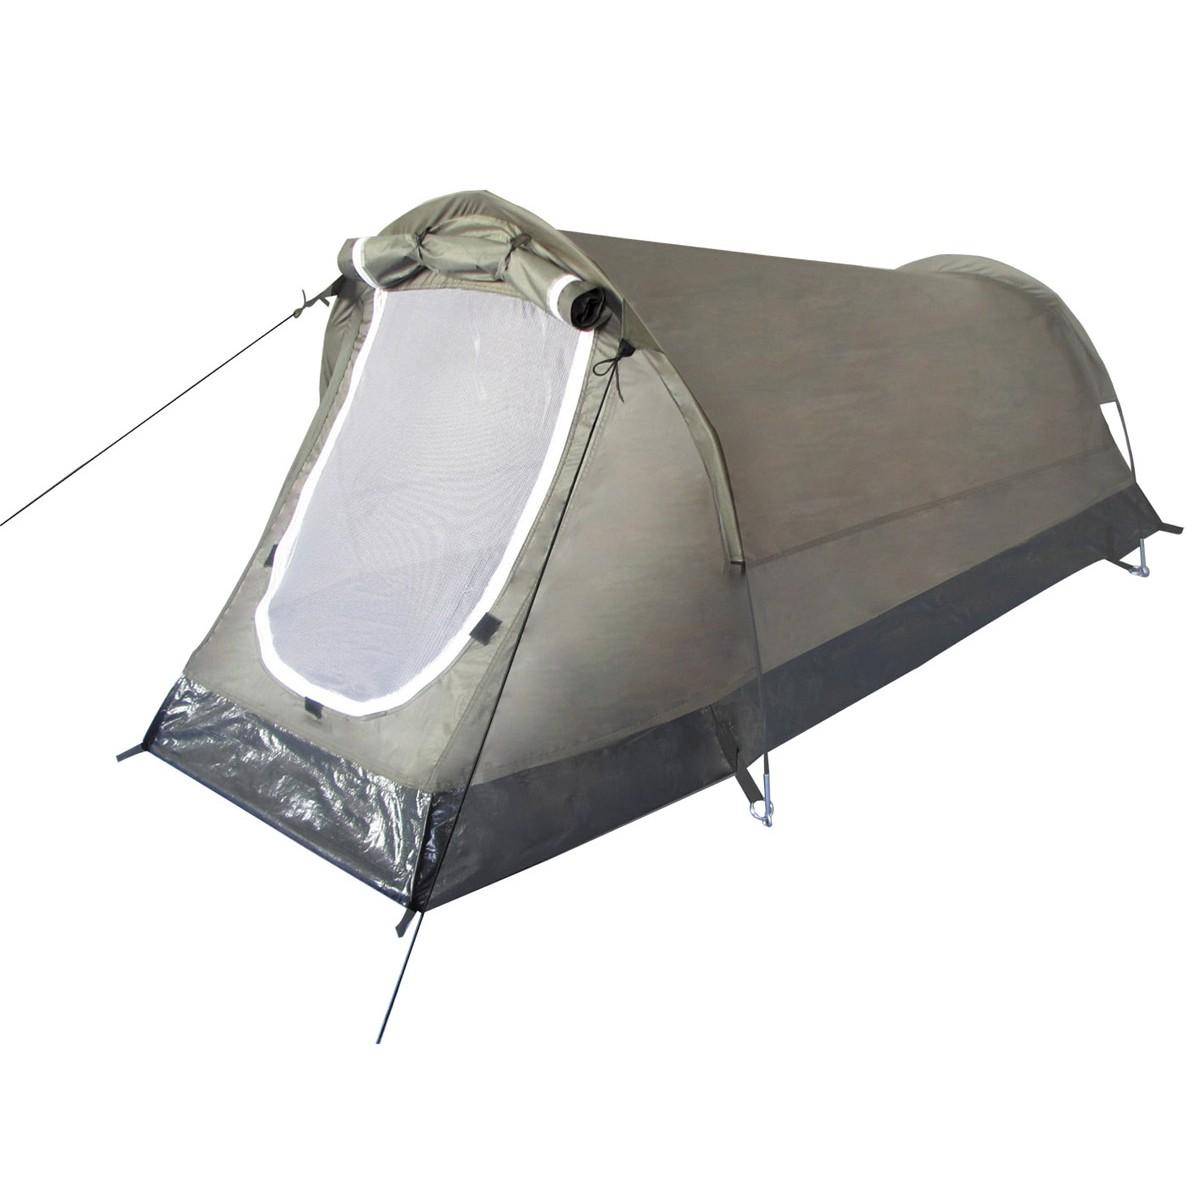 Šator Hochstein za 2 osobe OD zeleni